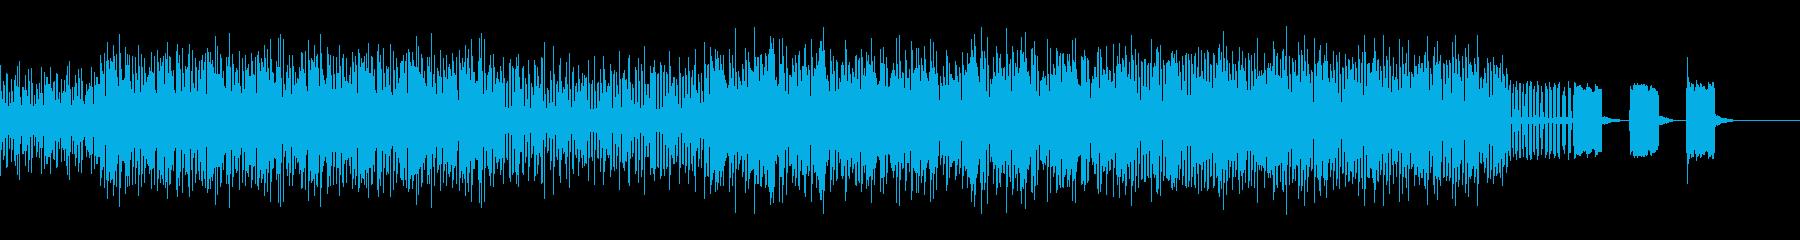 混沌としたブレイクビーツの再生済みの波形